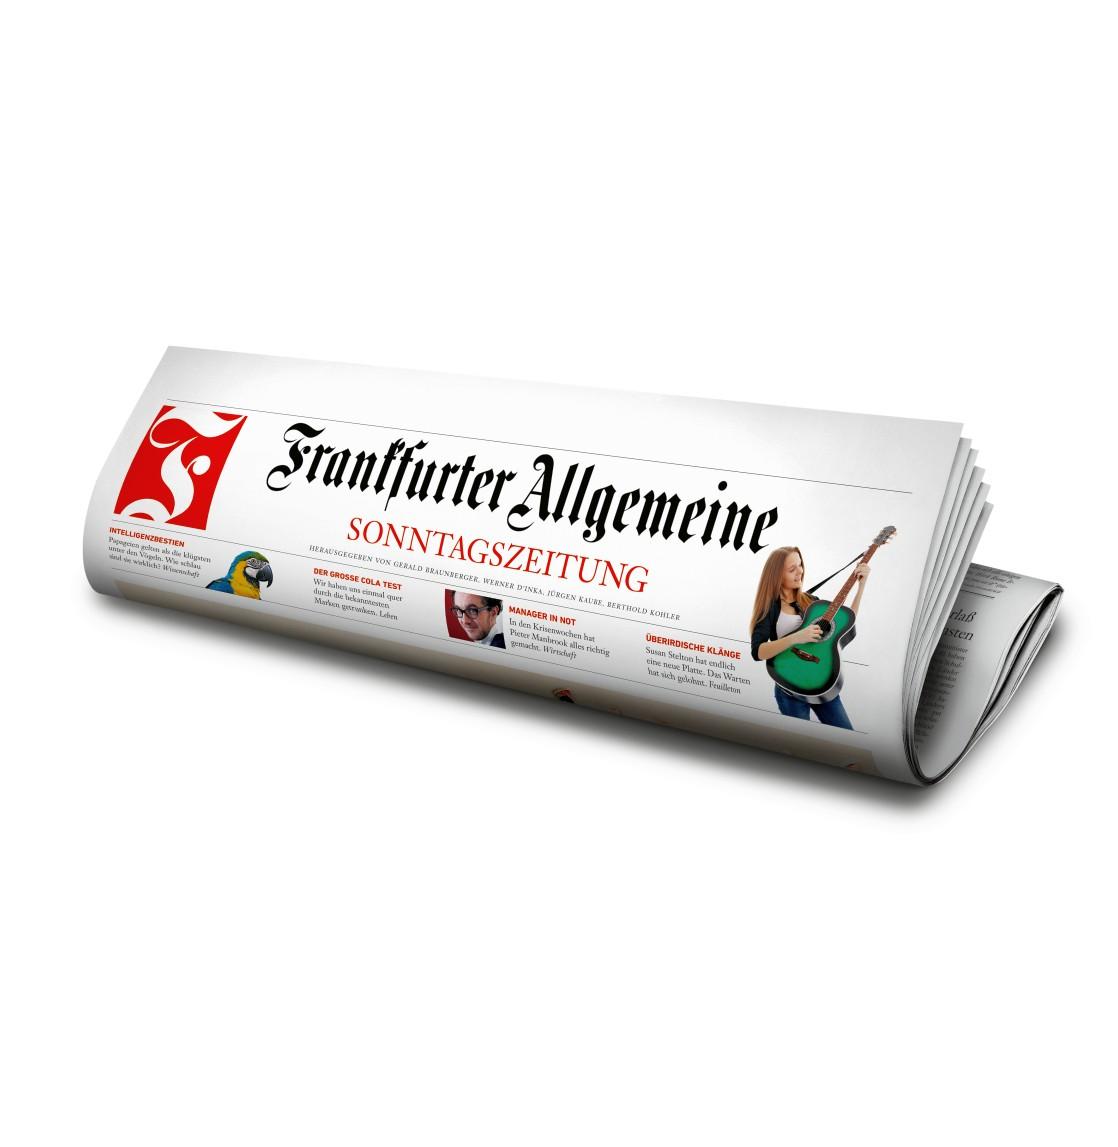 FAS Frankfurter Allgemeine Sonntagszeitung